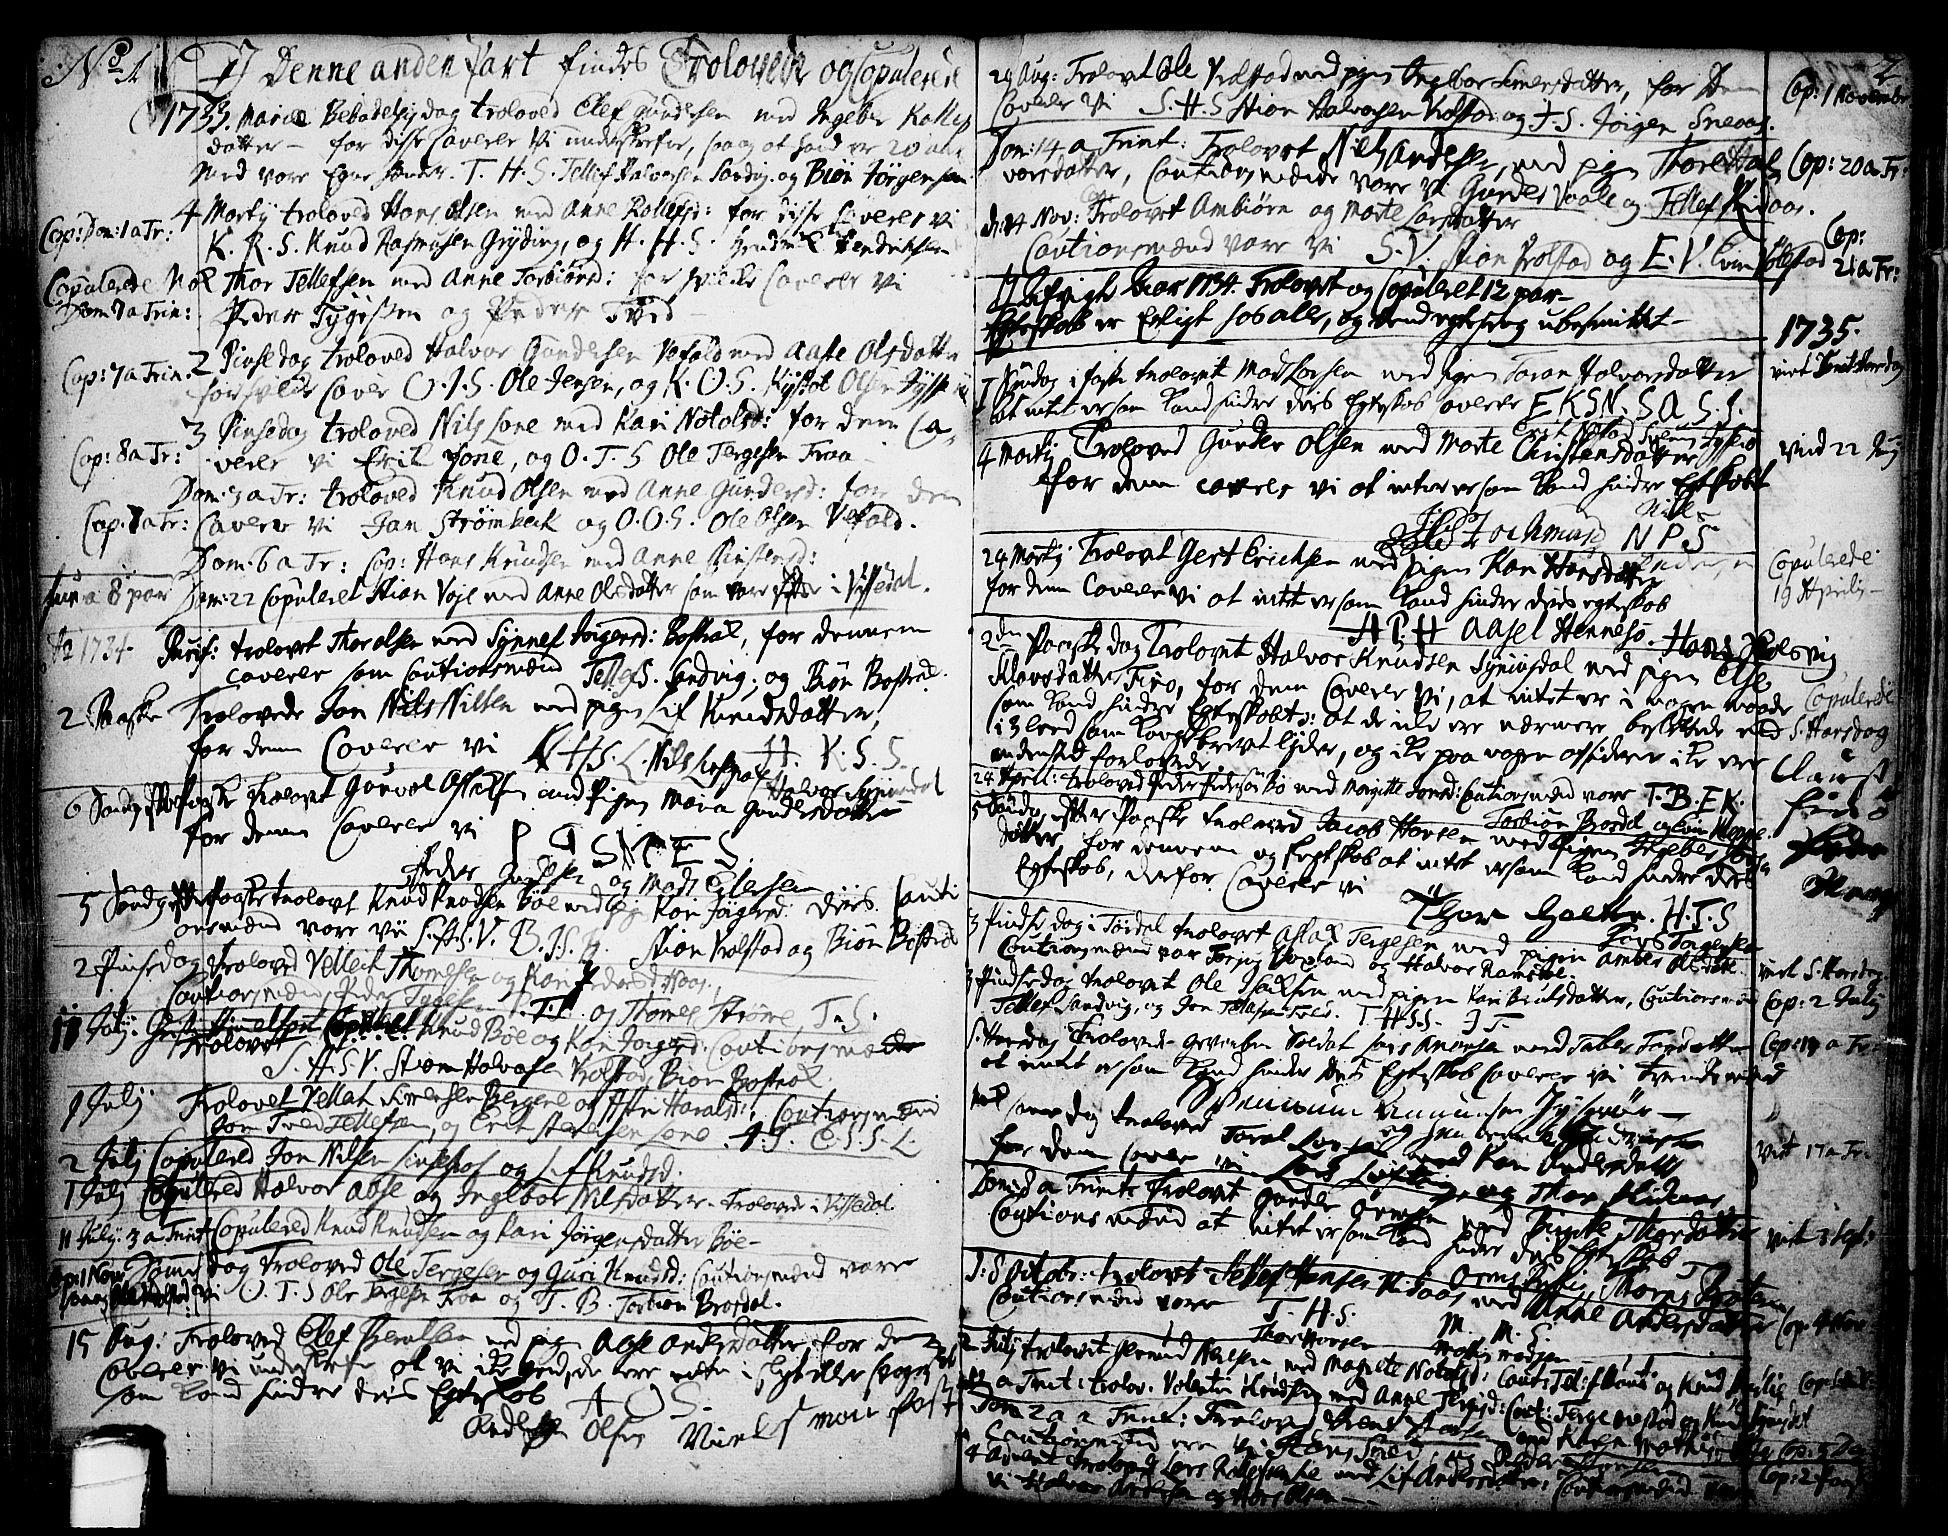 SAKO, Drangedal kirkebøker, F/Fa/L0002: Parish register (official) no. 2, 1733-1753, p. 1-2